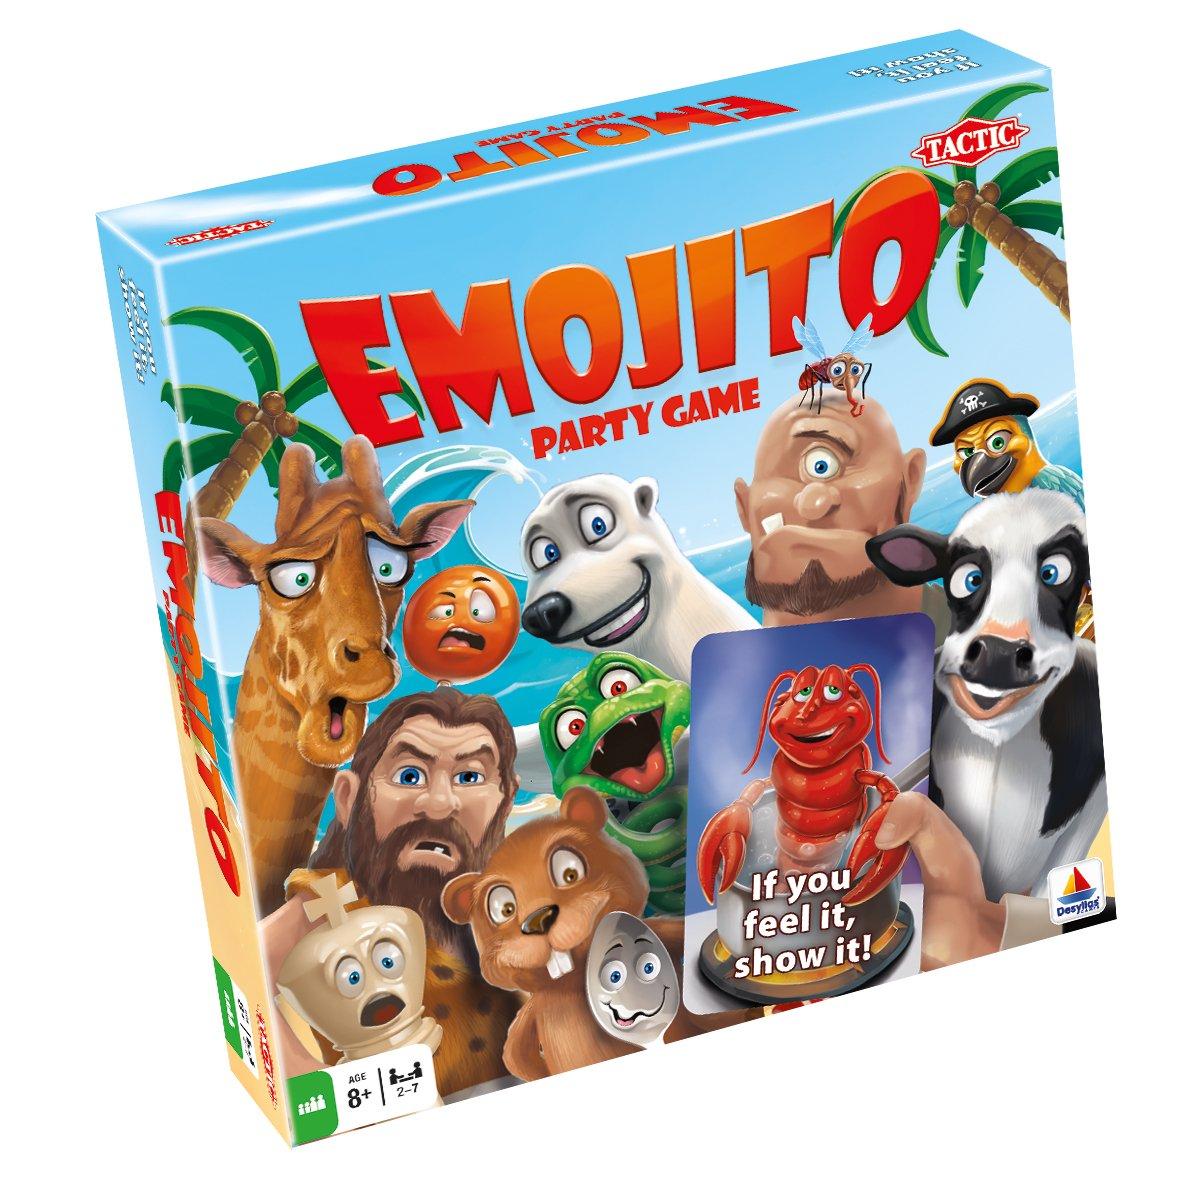 Tactic 54507   Emojito Board Game   Children & Family Board Game